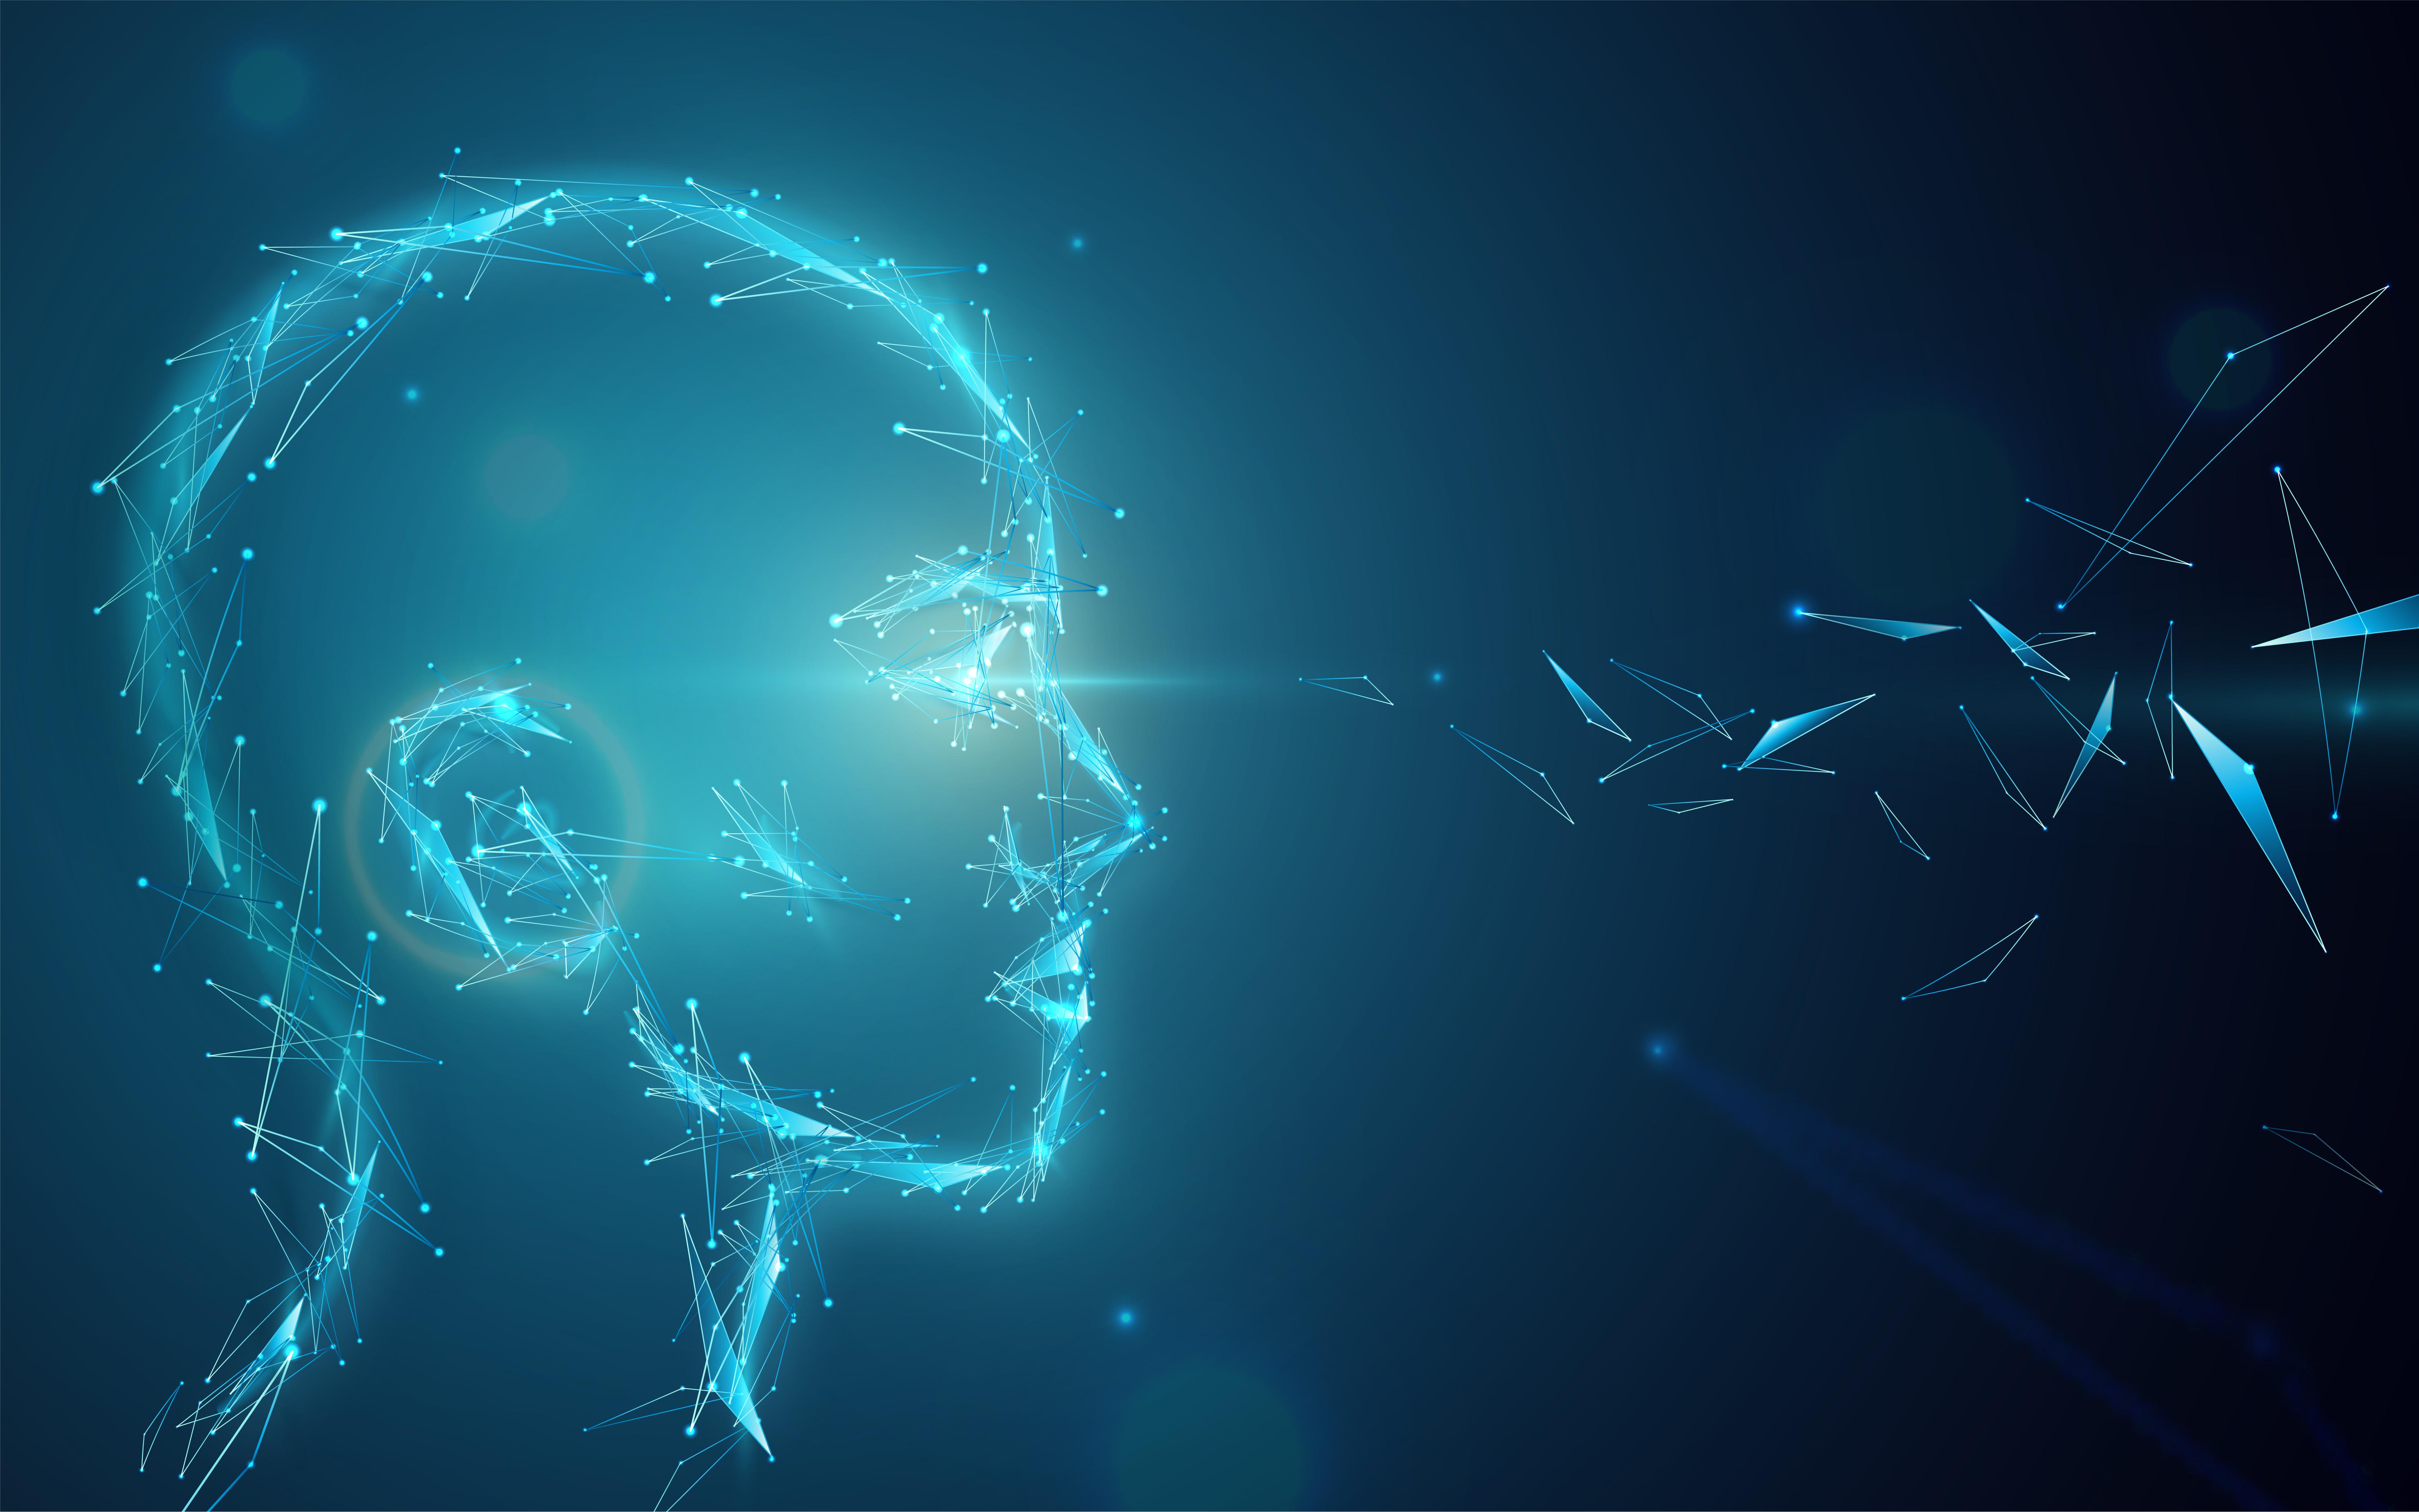 MÓDULO 2. MACHINE LEARNING Y CIENCIA DE DATOS